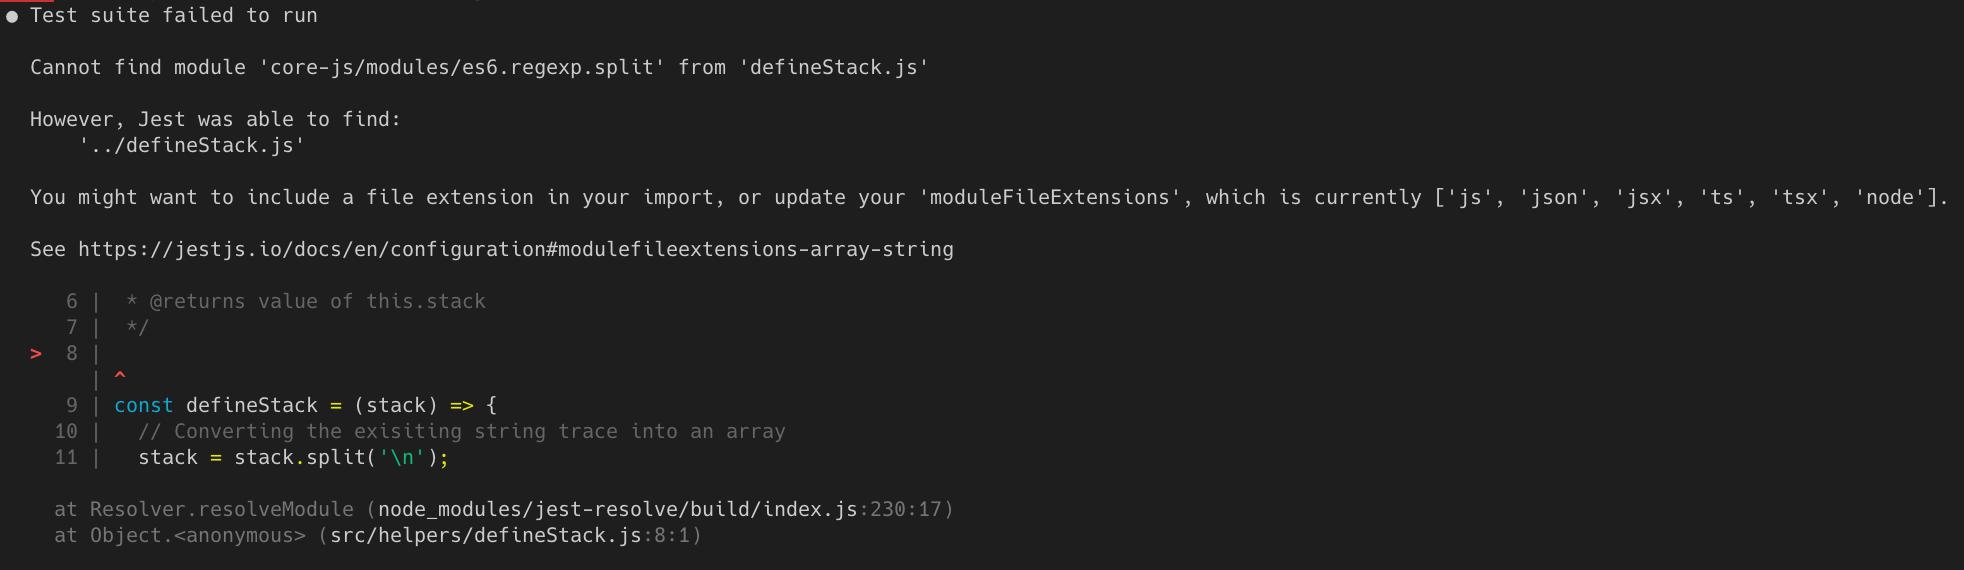 Cannot find module 'core-js/modules/es6 regexp split